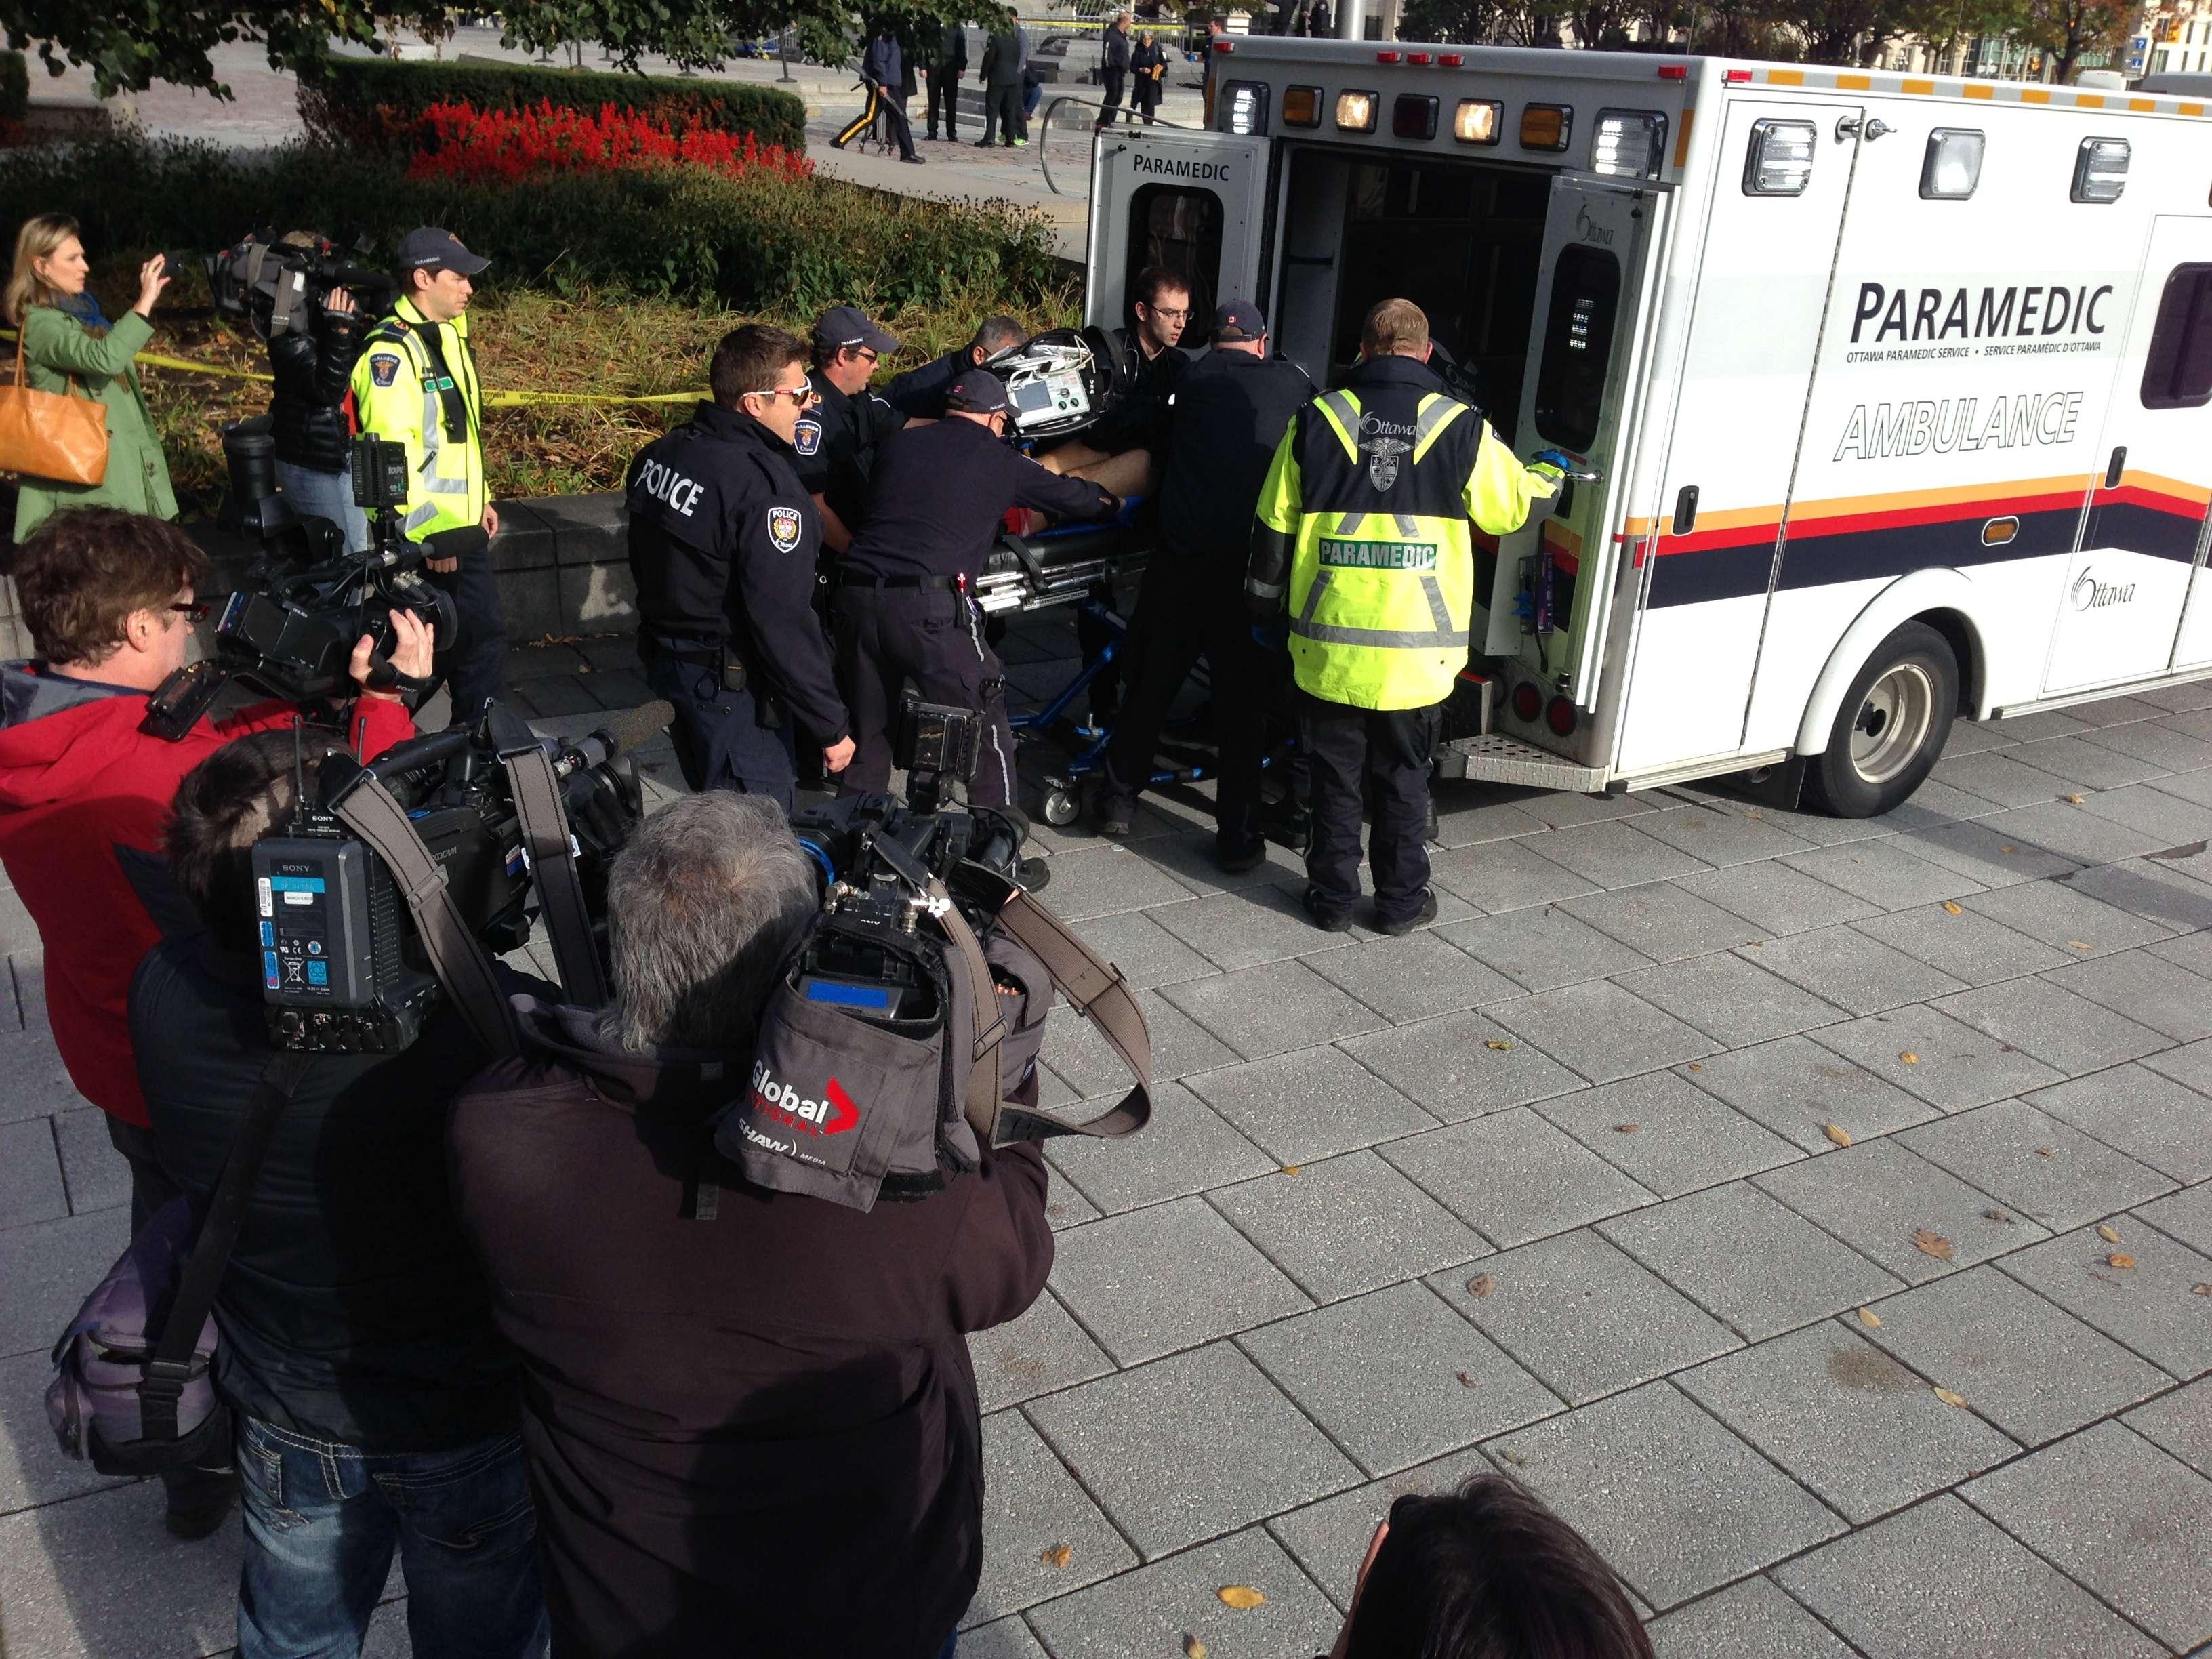 Soldado ferido a tiros perto do Parlamento do Canadá é movido para dentro de uma ambulância por policiais e médicos Foto: Michel Comte/AFP